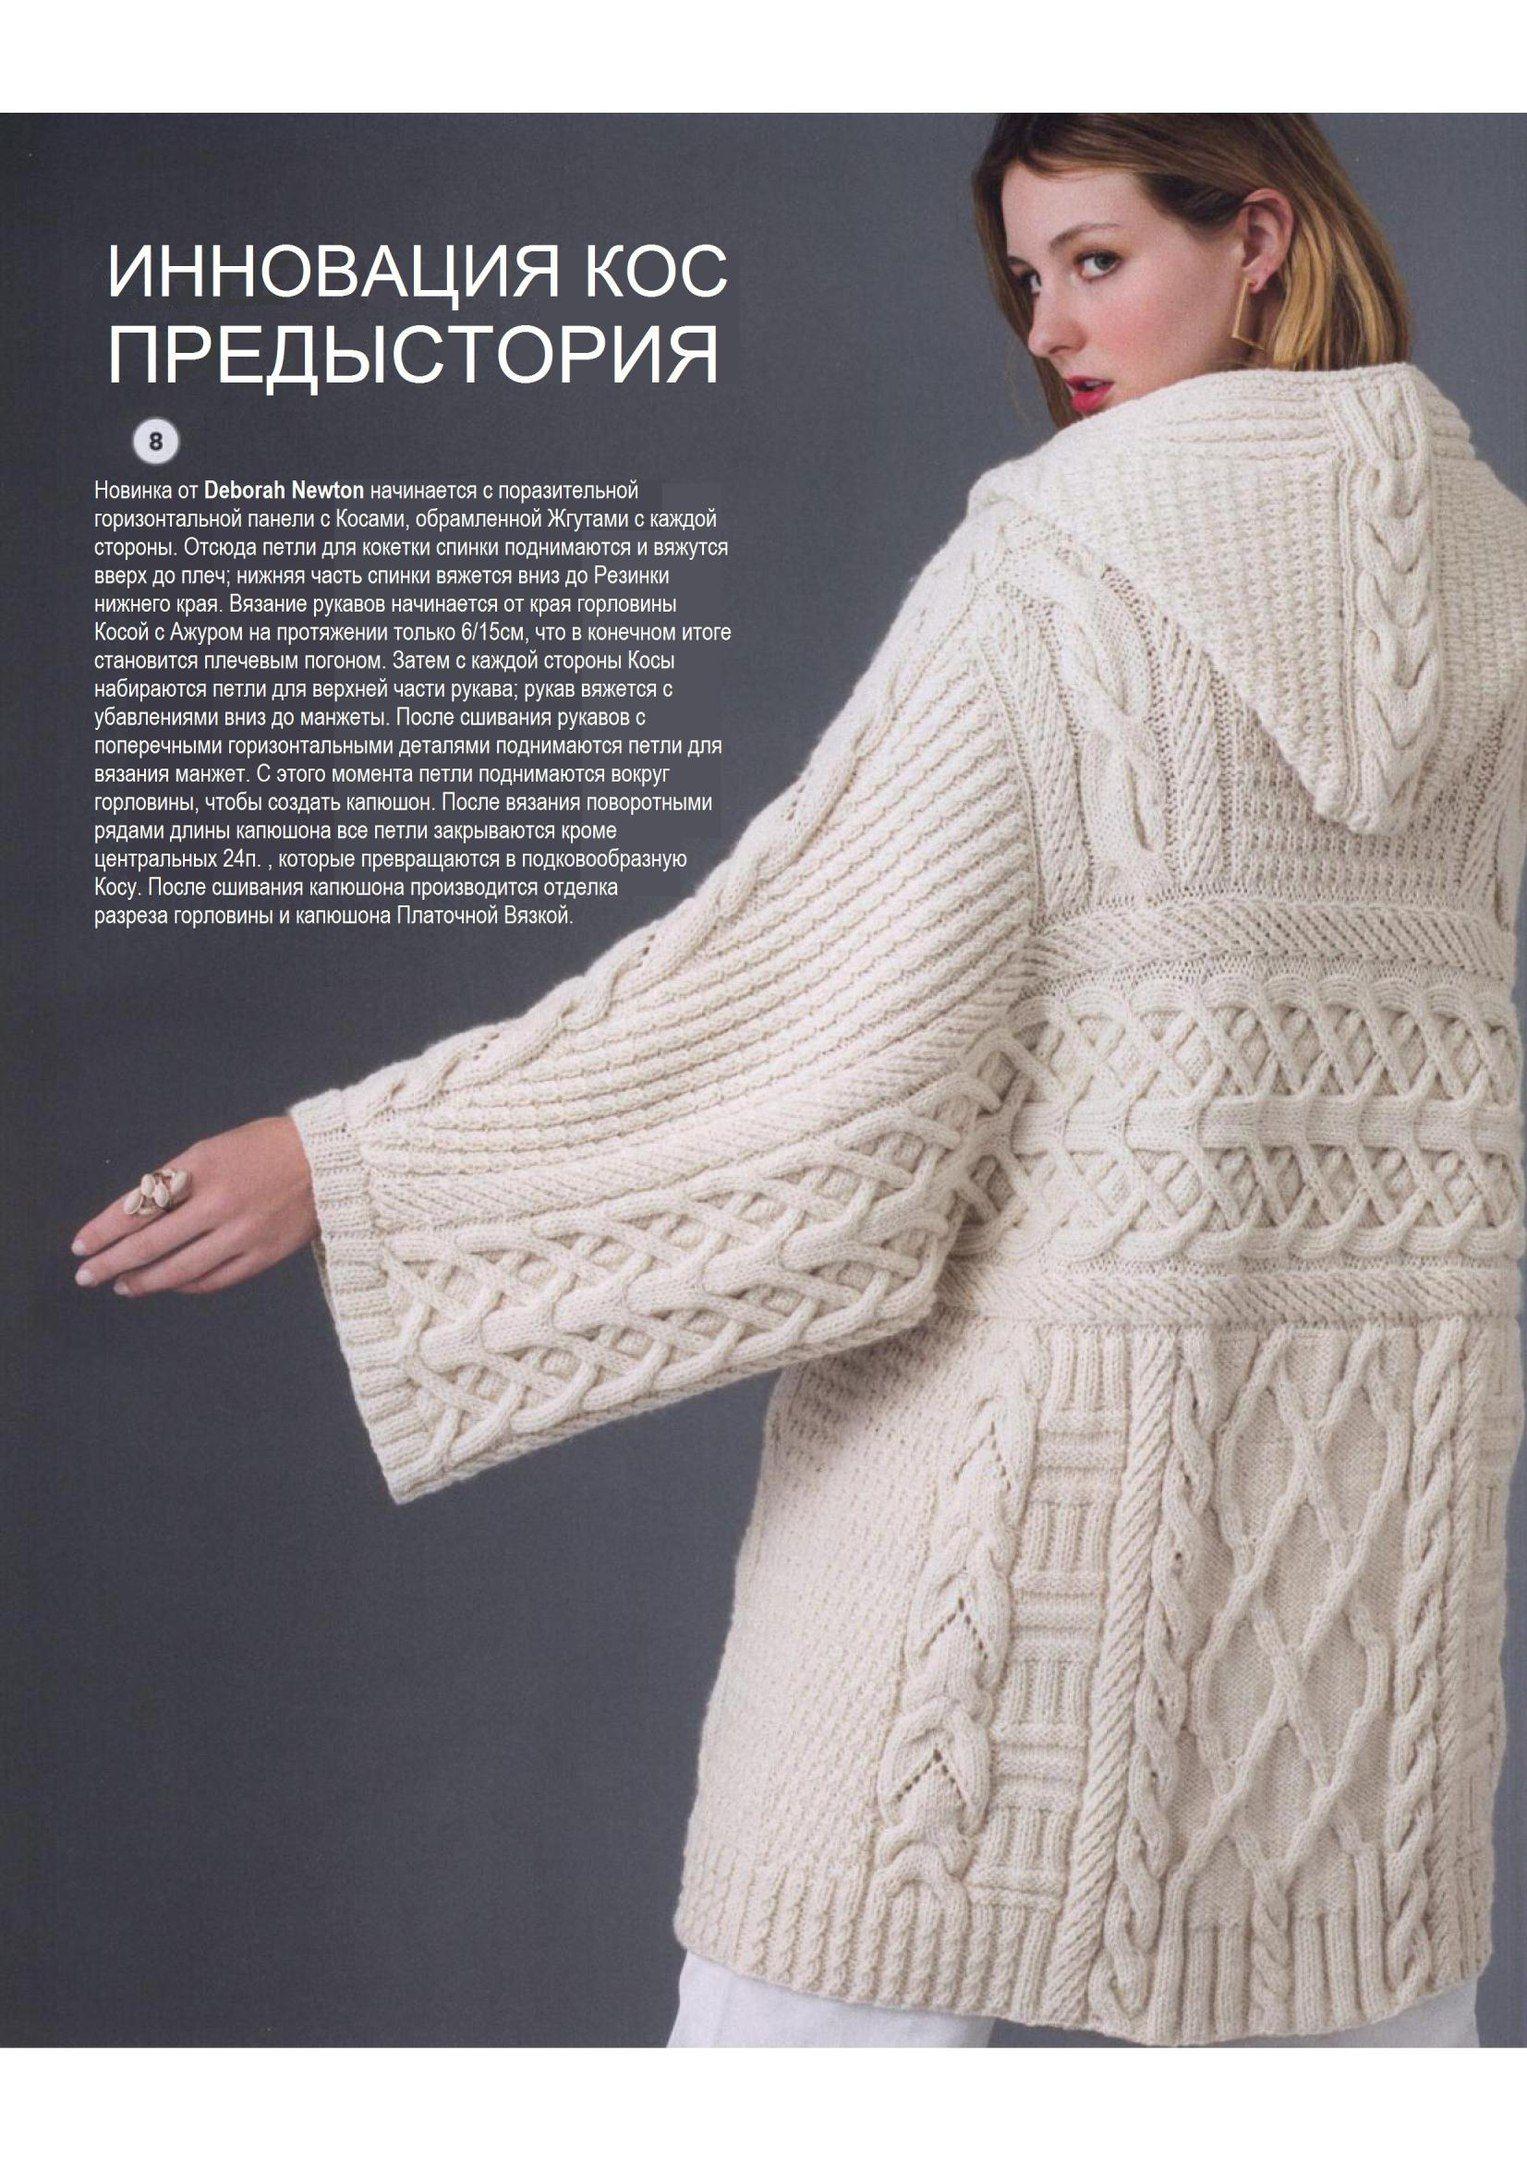 Японские журнала вязание спицами для женщин